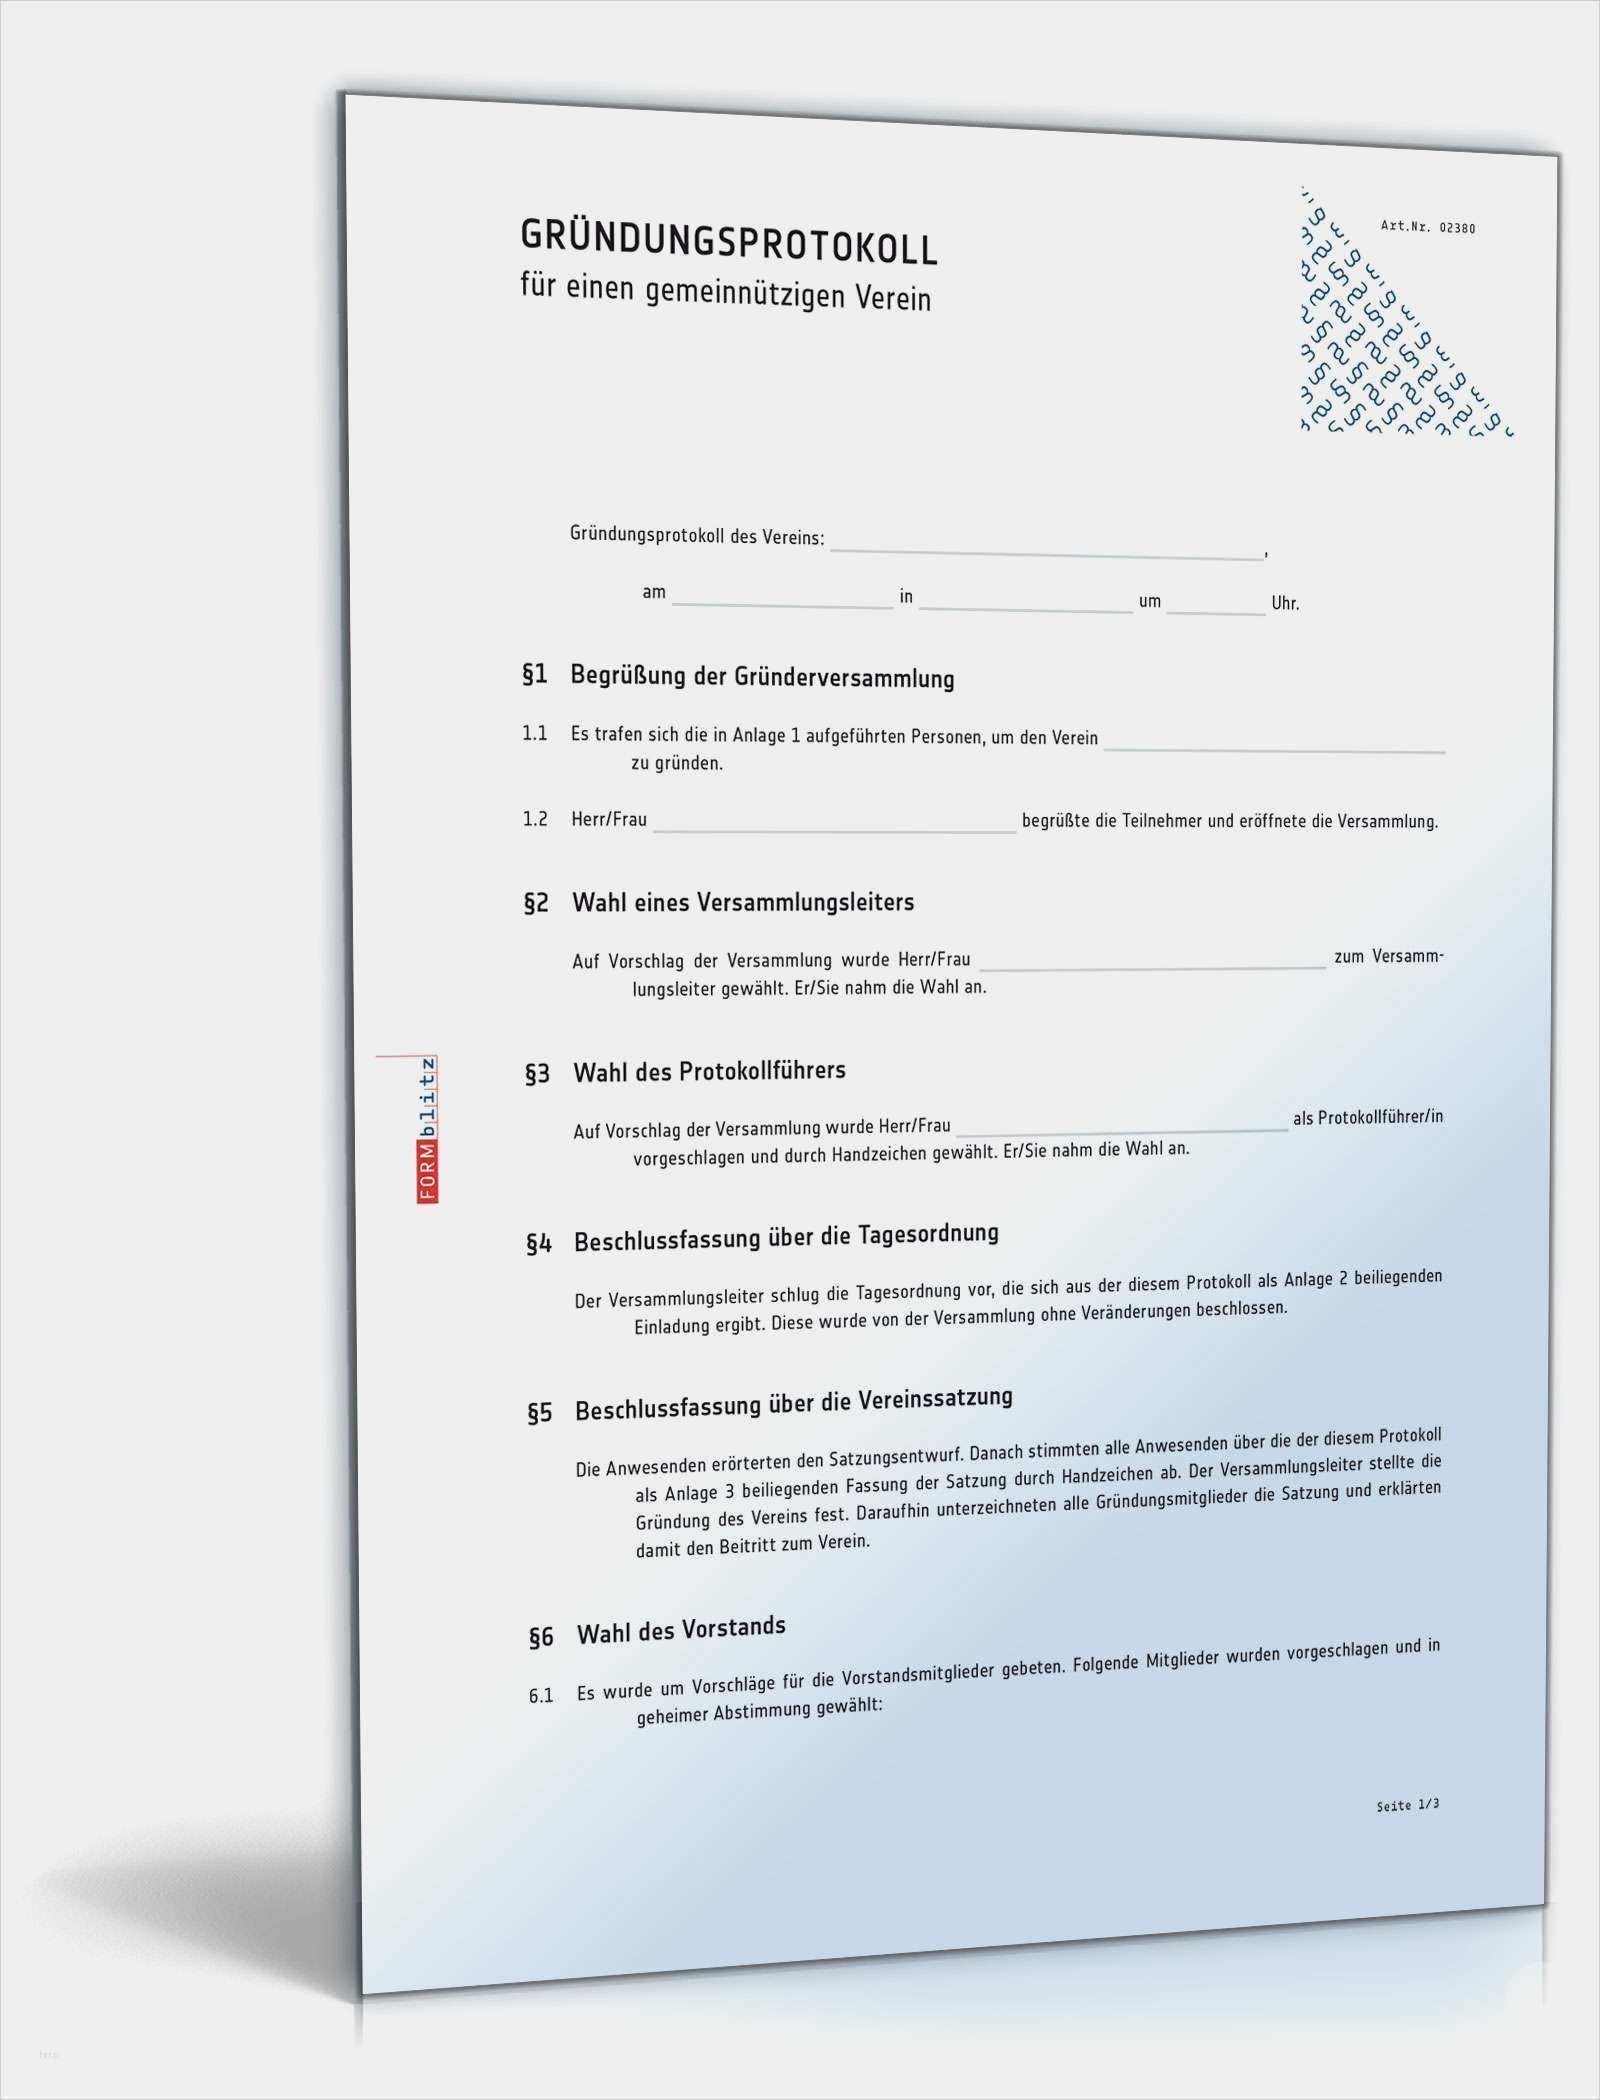 21 Gut Wahlprotokoll Verein Vorlage Abbildung Vorlagen Word Vorlagen Excel Vorlage